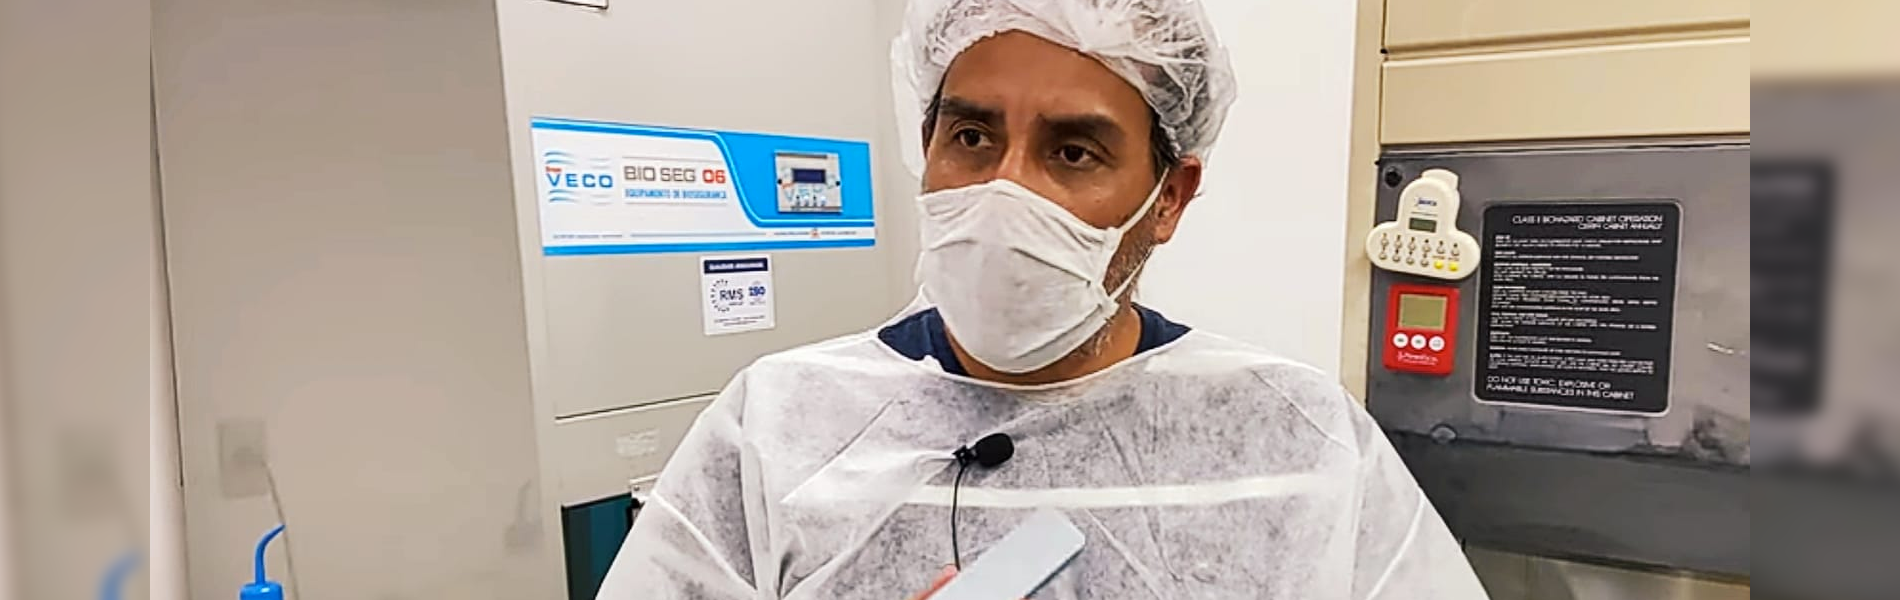 homem paramentado com roupas de laboratório